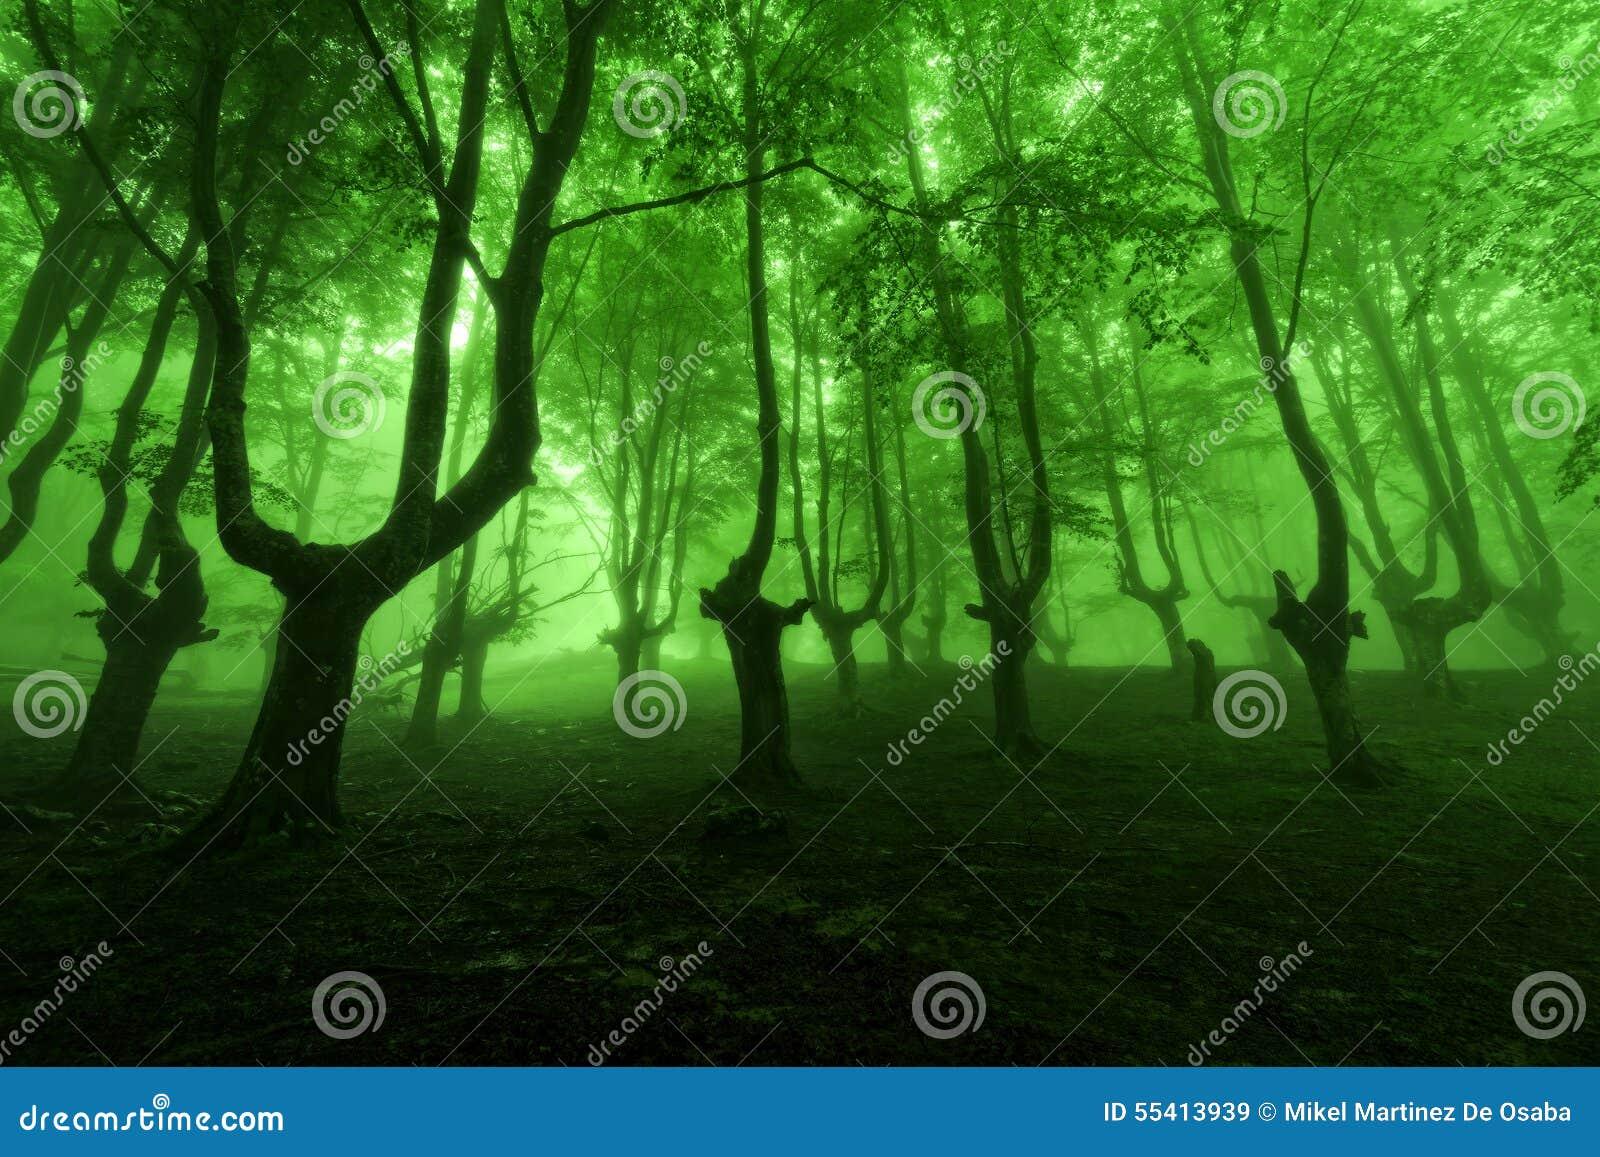 Bosque en primavera con niebla verde